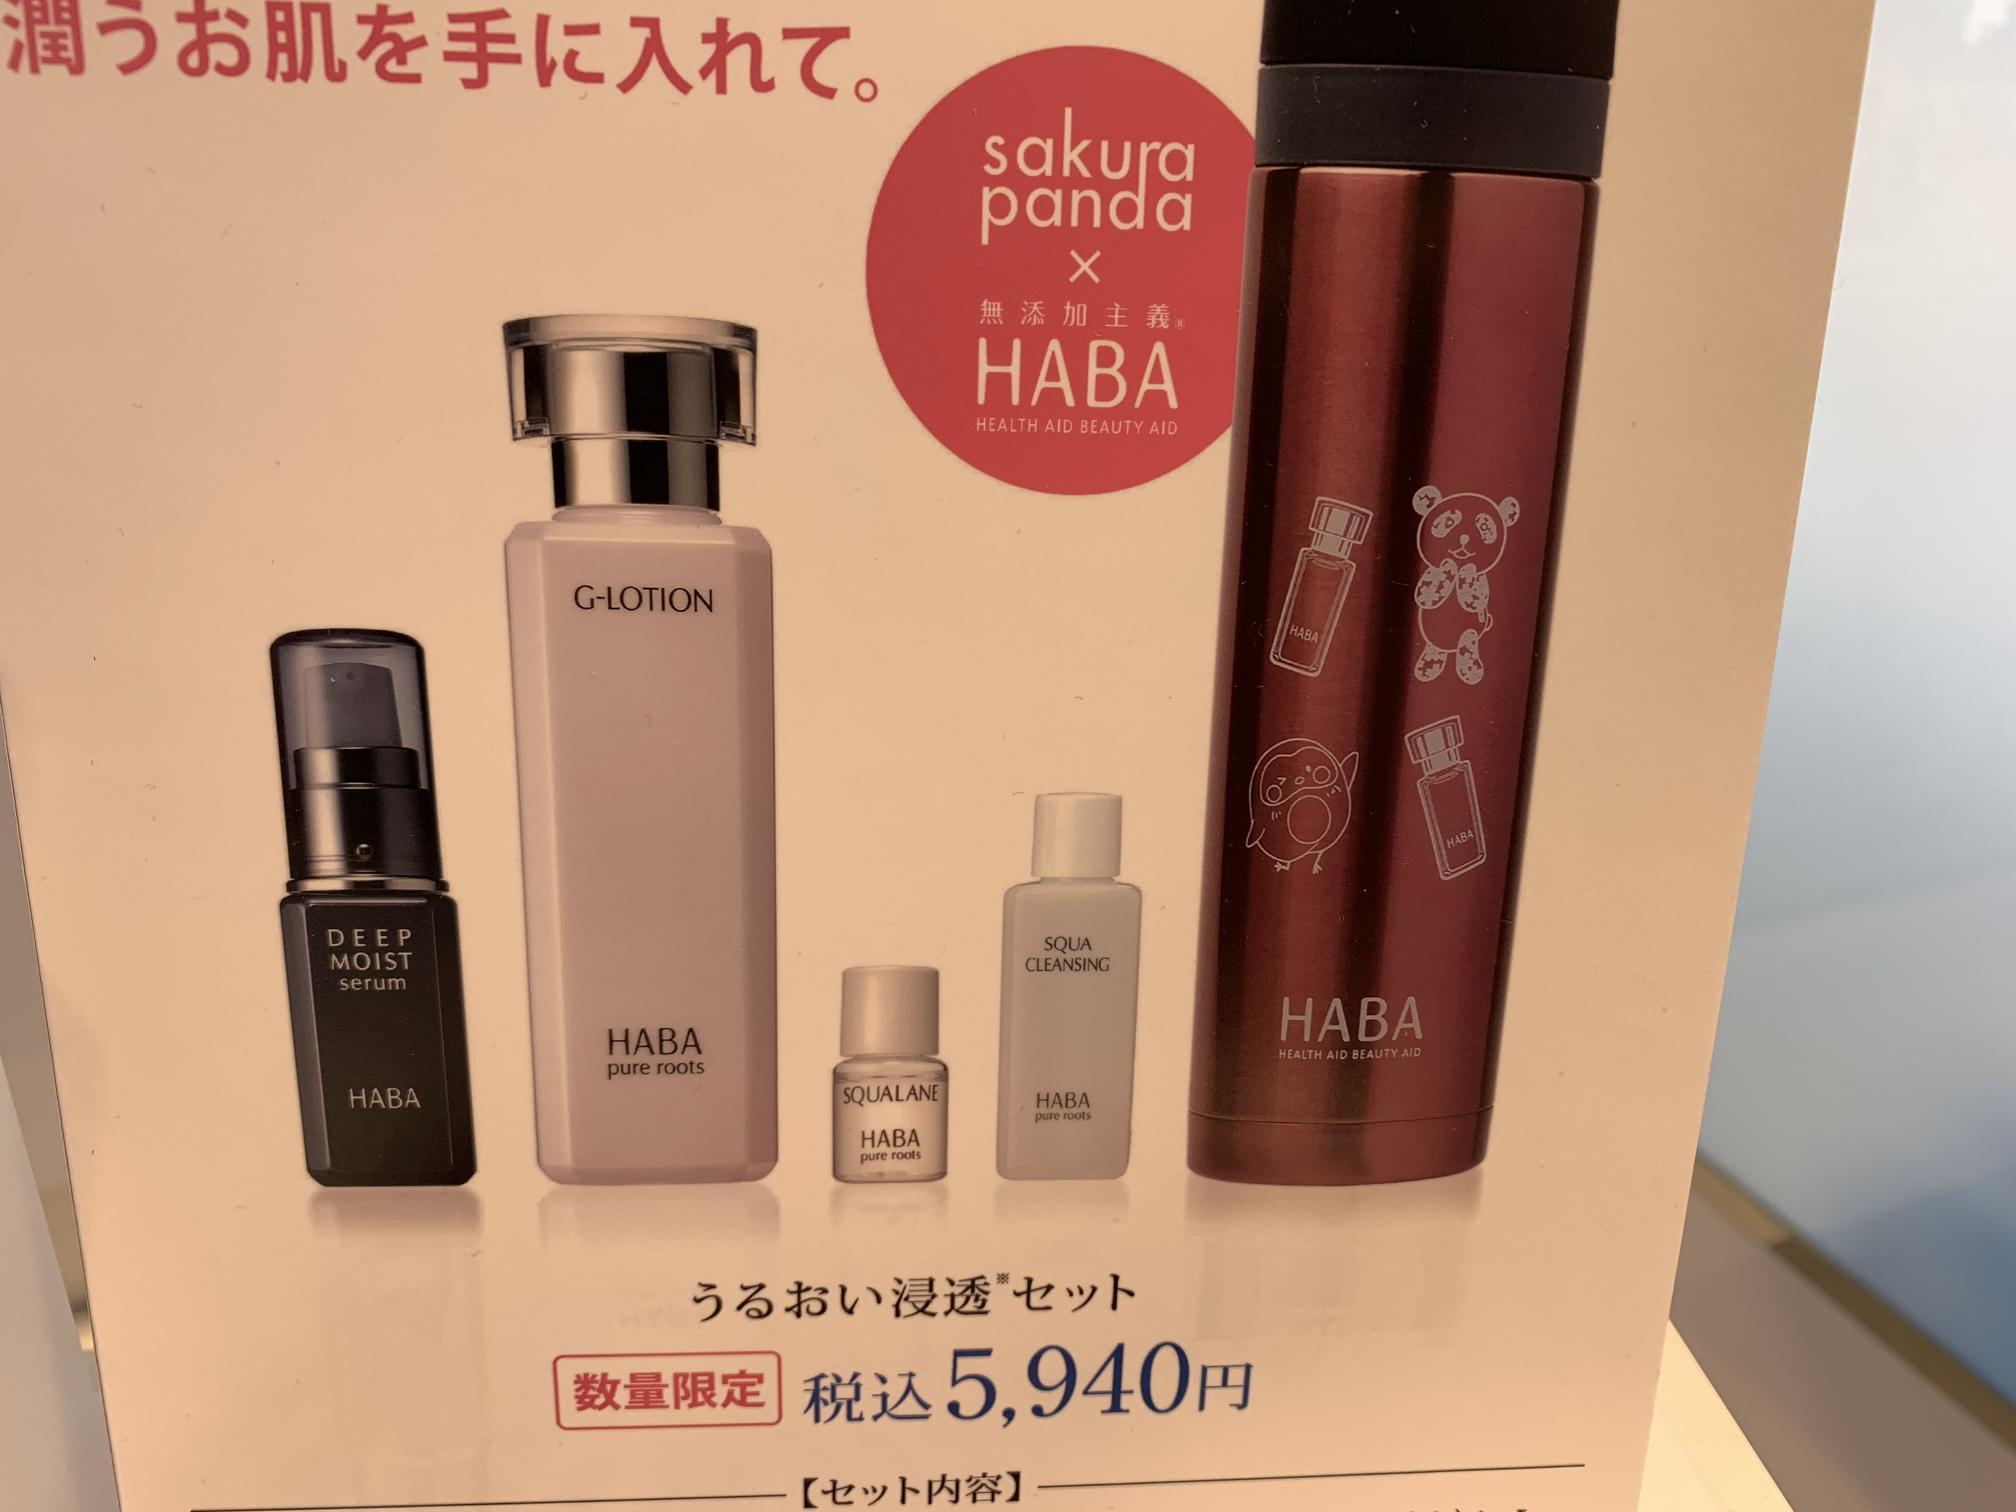 大丸百货限定haba g露+深层保湿...